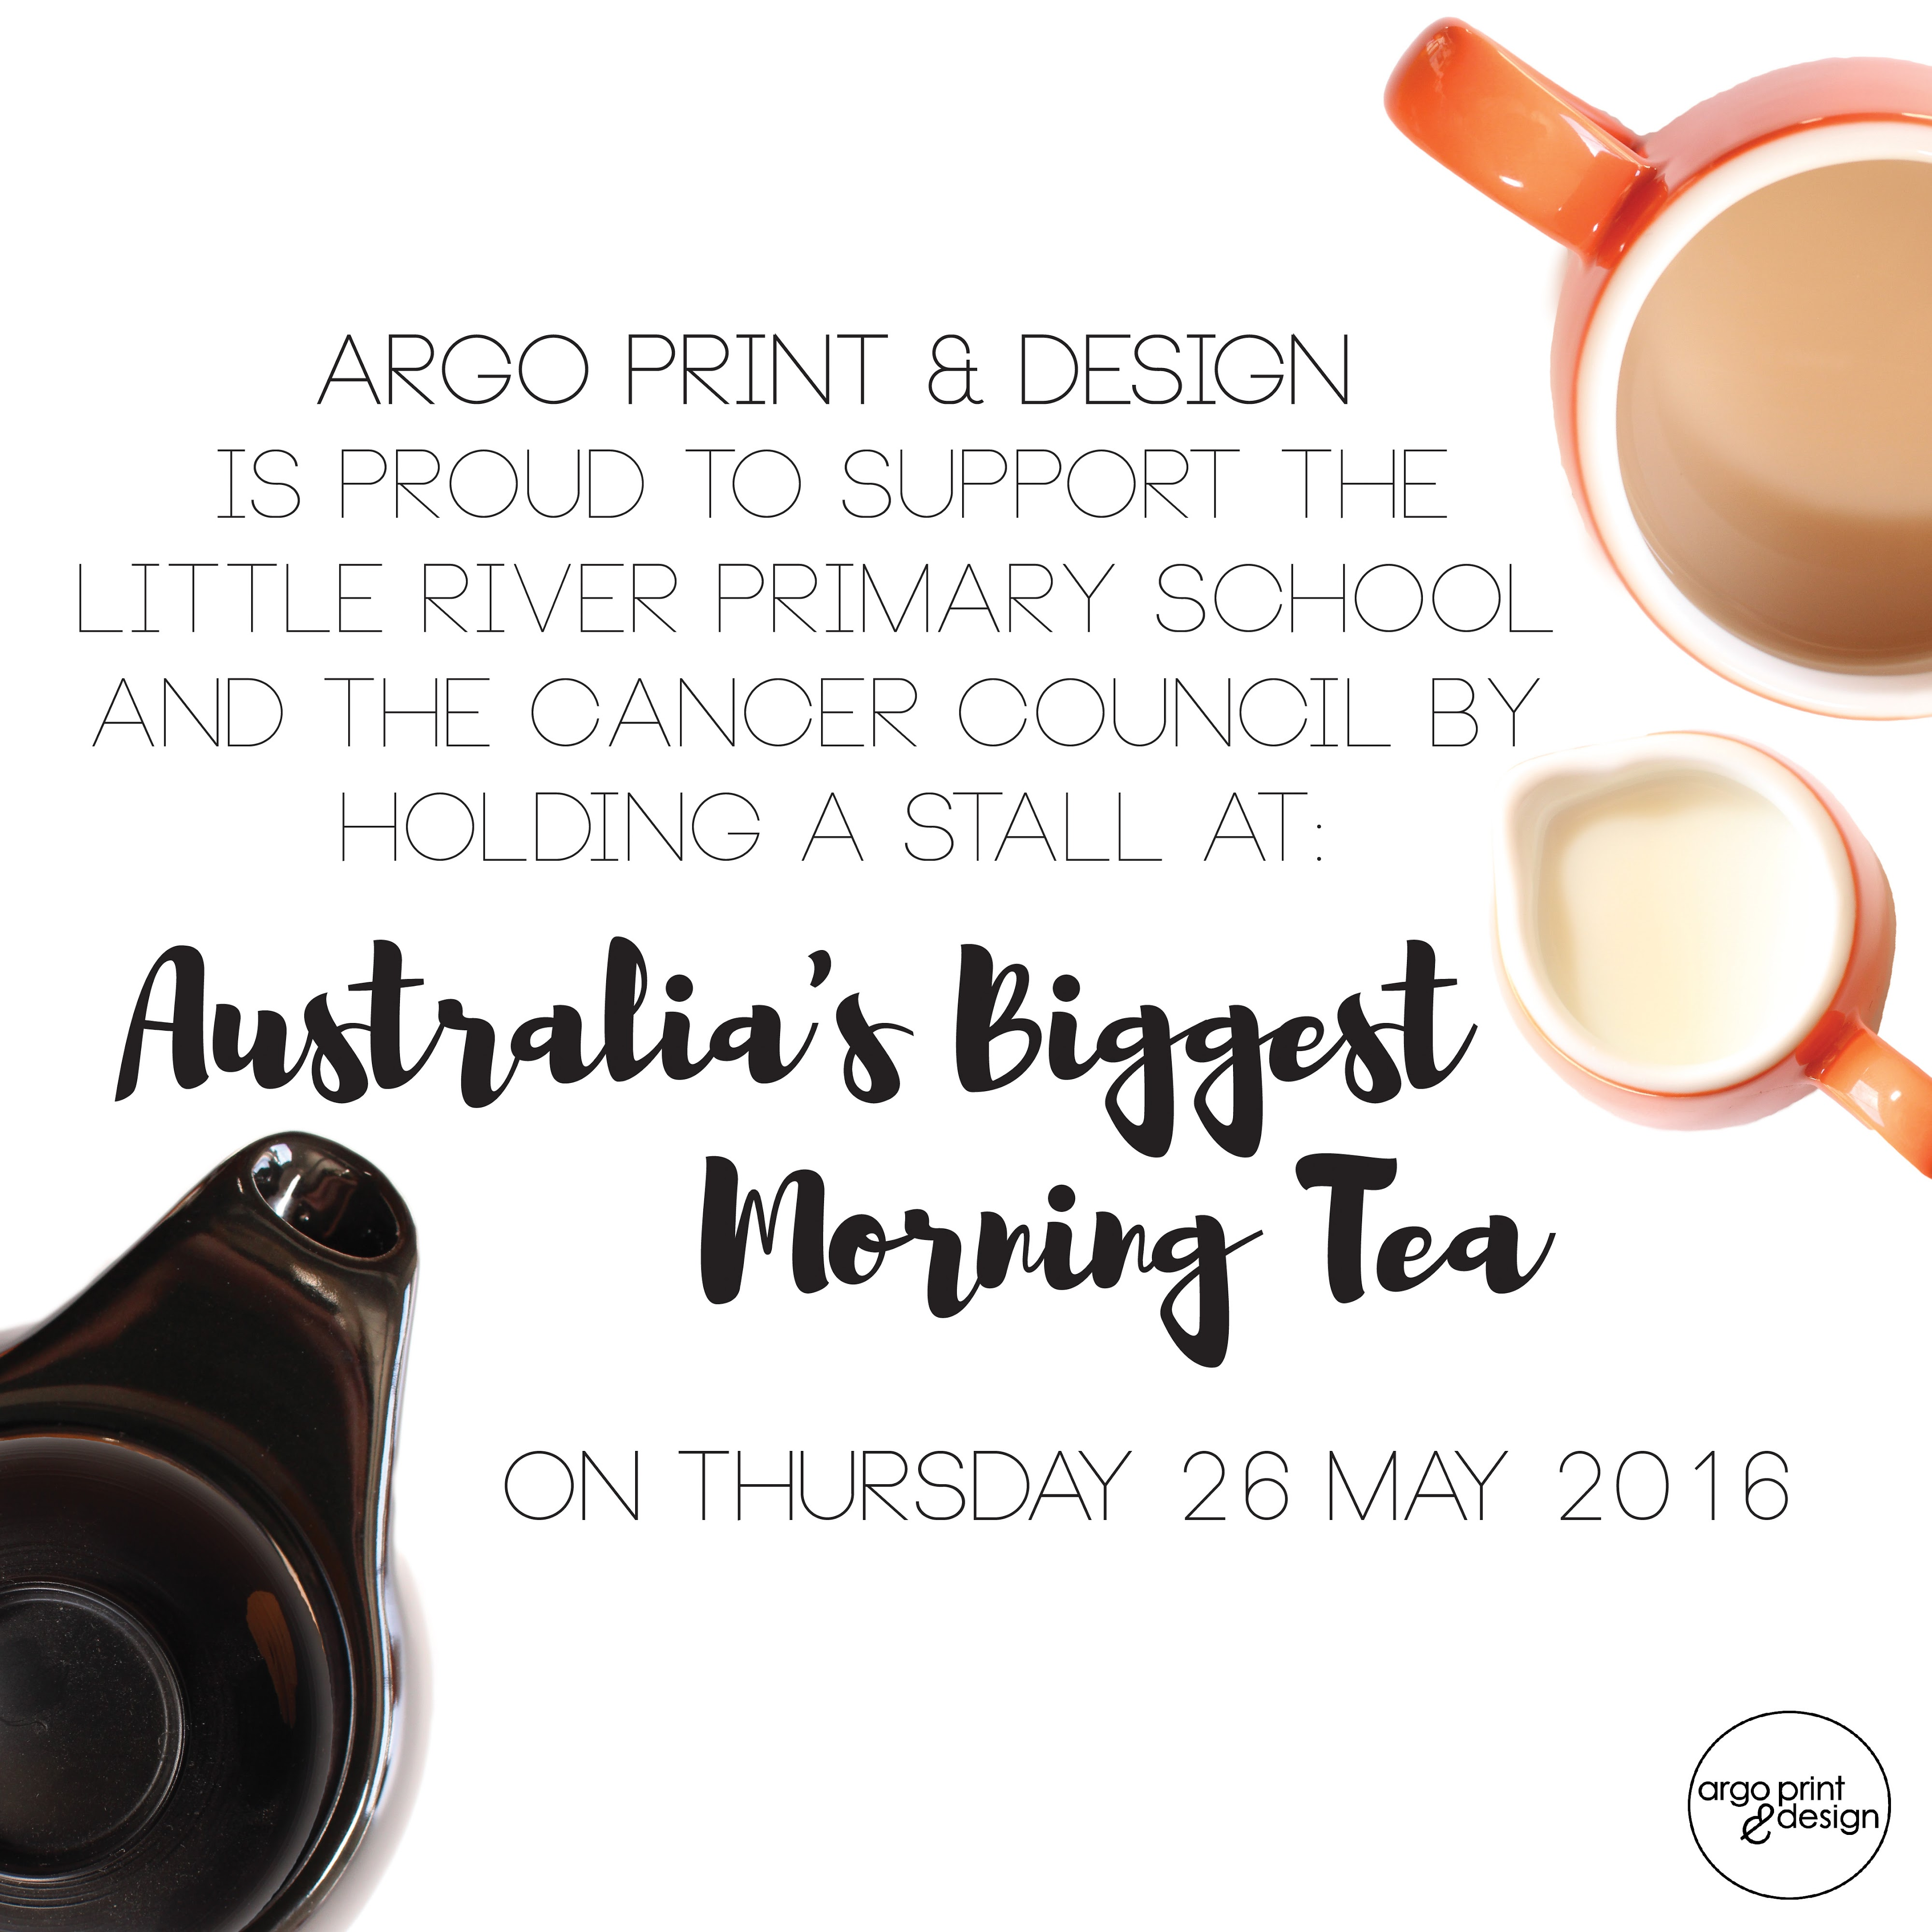 Australia's Biggest Morning Tea